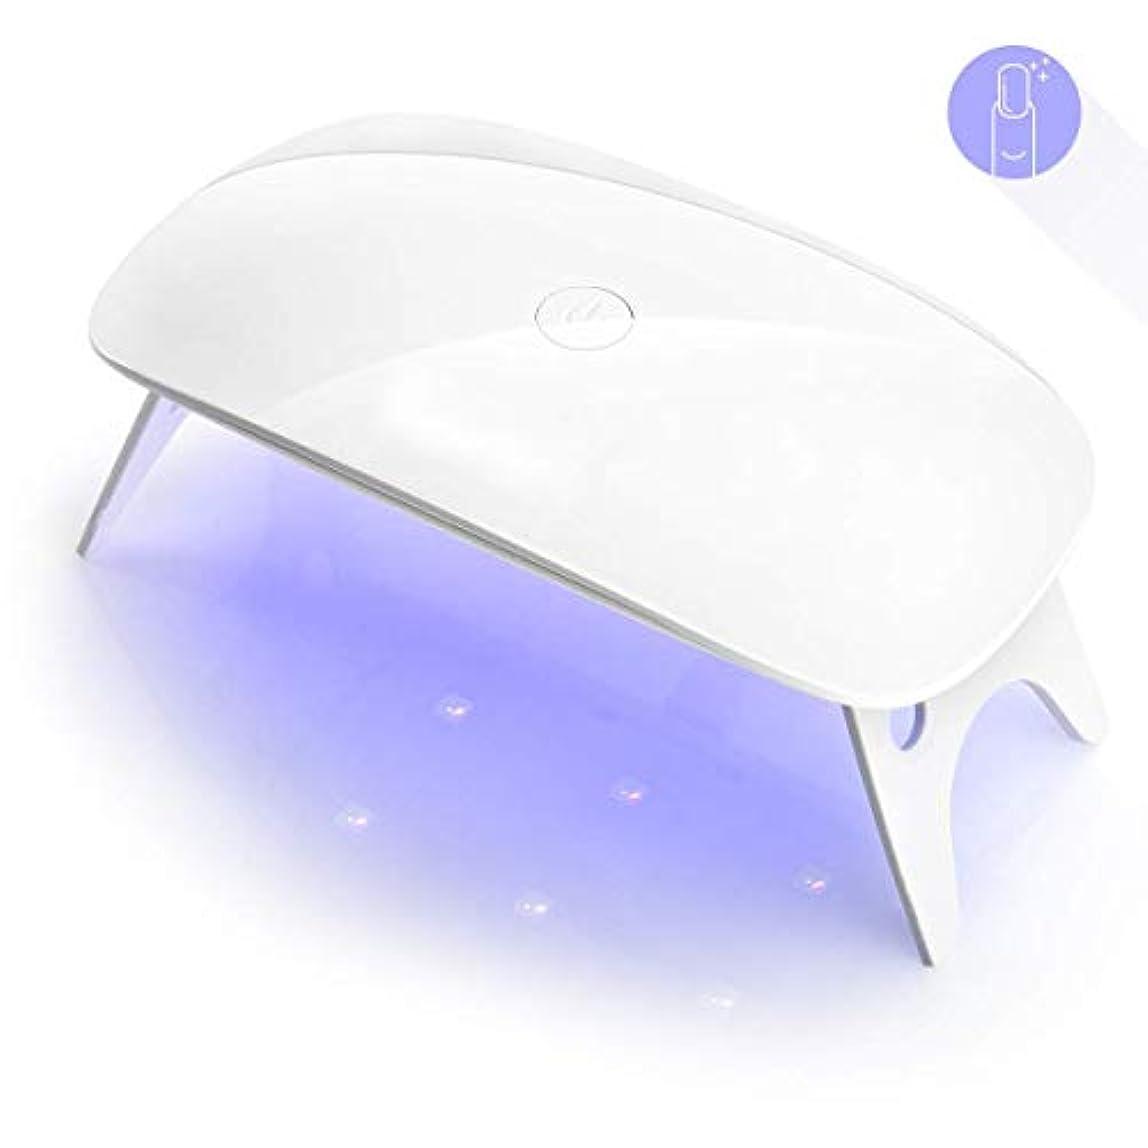 ドリル抽出共産主義ZMiw LEDネイルドライヤー UVライト タイマー設定可能 折りたたみ式手足とも使える 人感センサー式 LED 硬化ライト UV と LEDダブルライト ジェルネイル用 ホワイト (white)